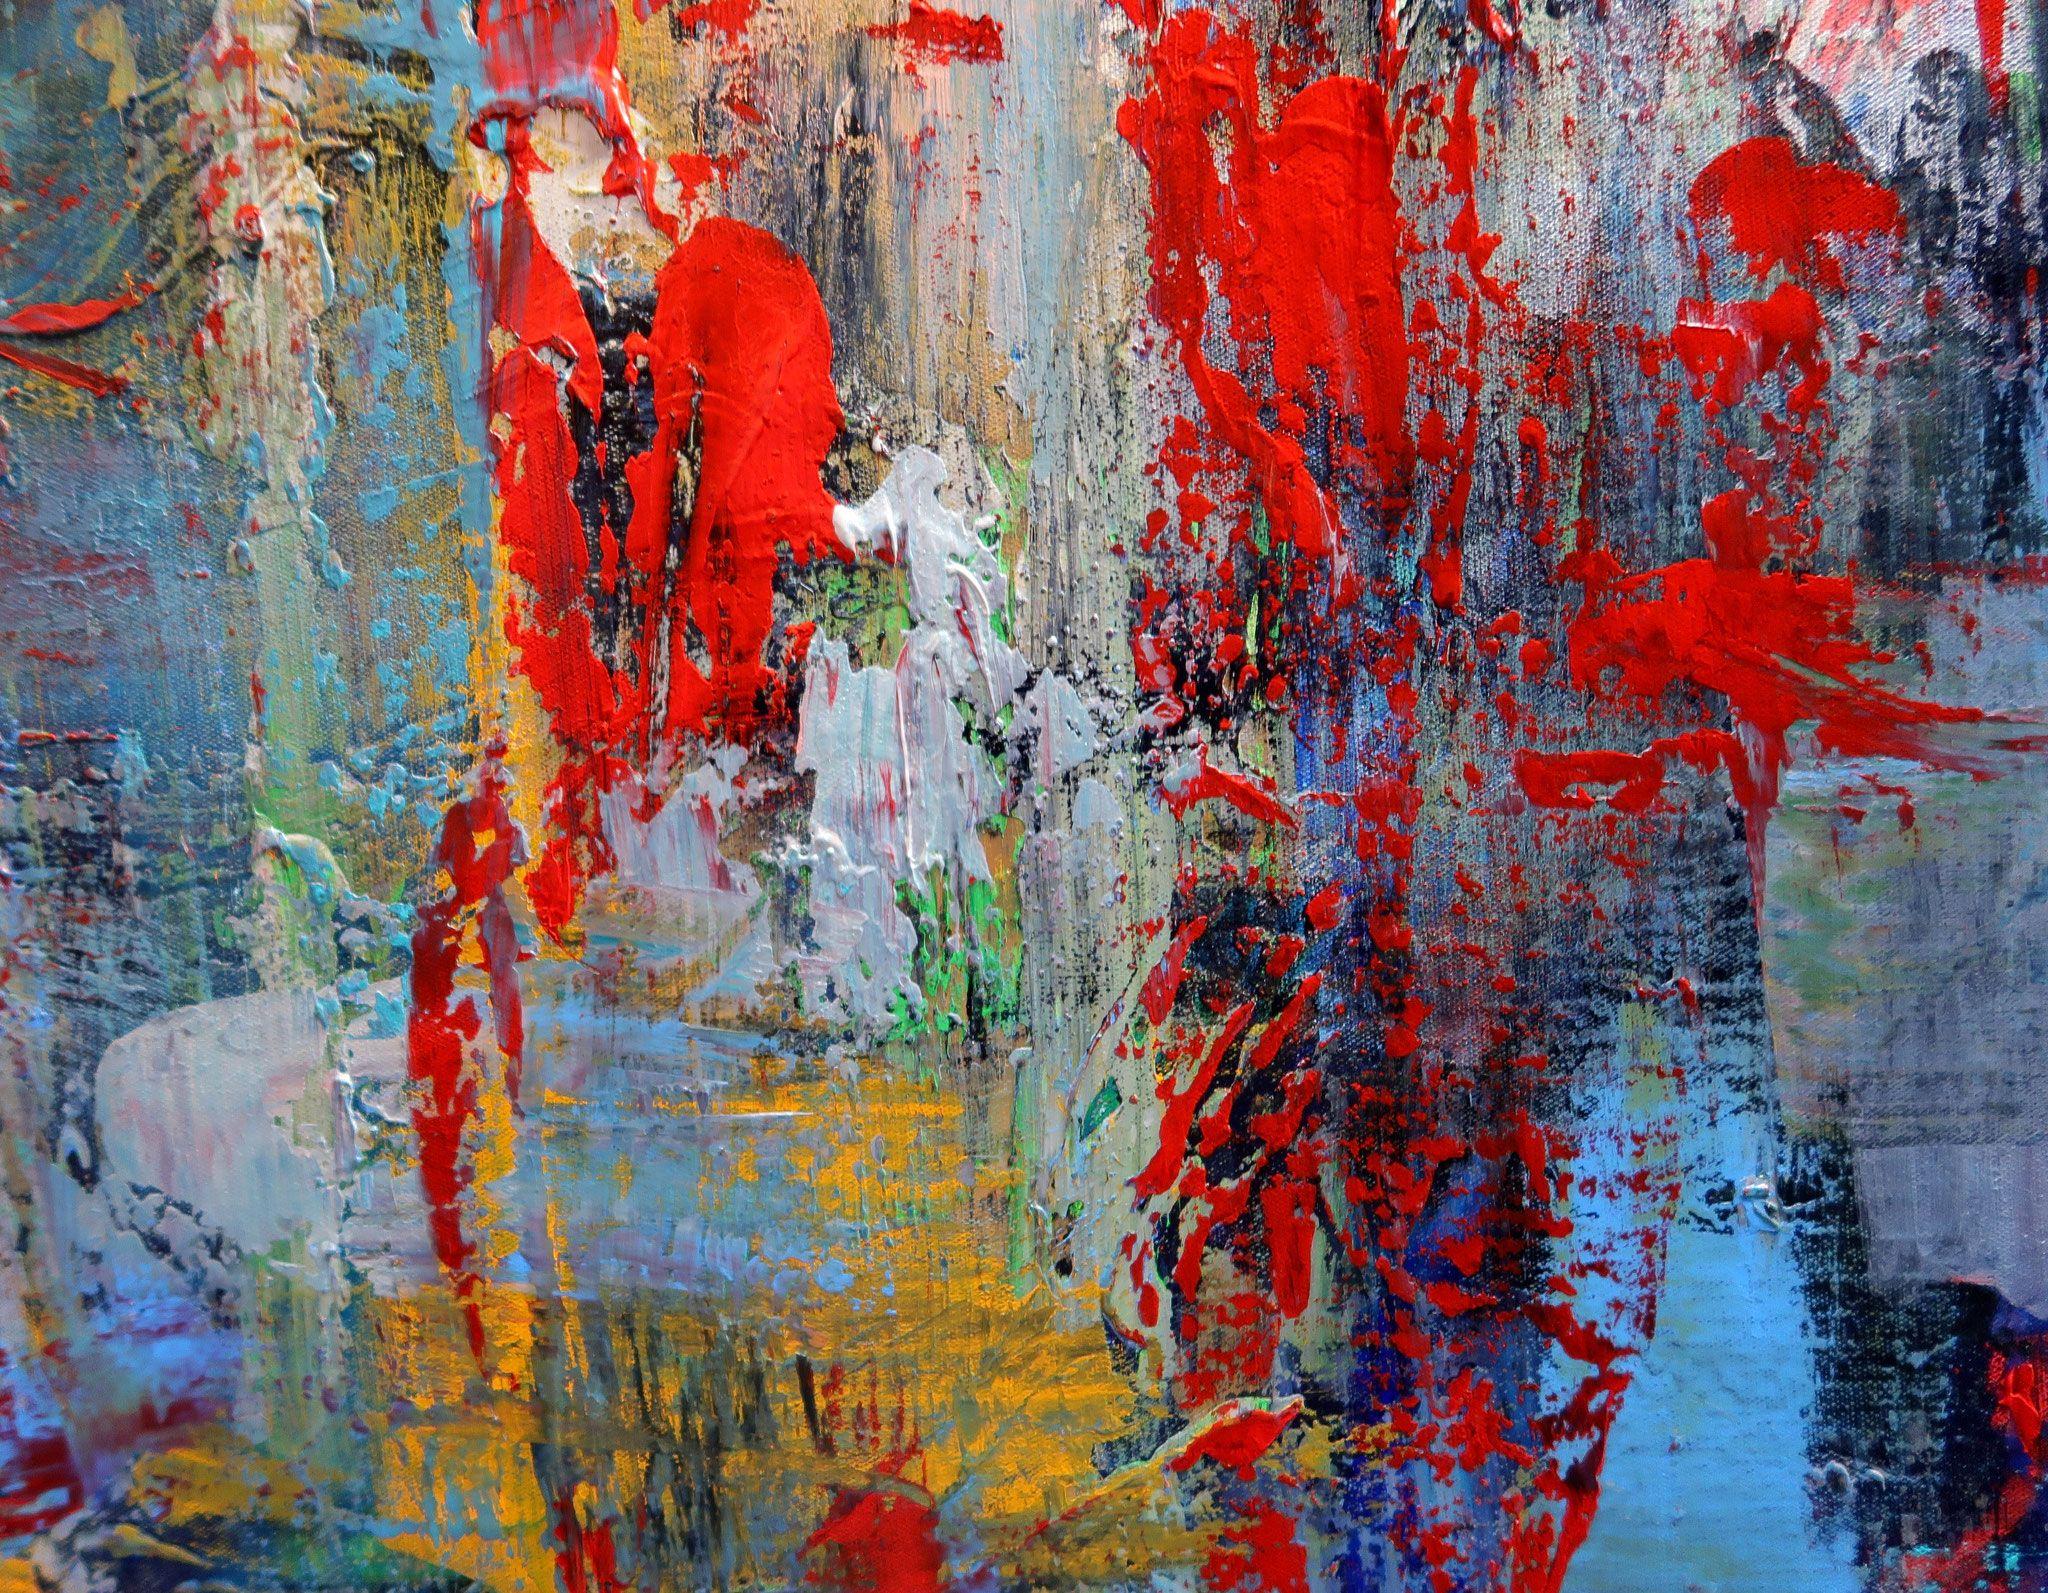 Bild Bunt Modernes Acrylbild Gemalde Originale Unikate Bilder Modern Abstrakte Bilder Kunstgalerie Online Shop Online Galerie Bilder Kaufen Abstract Art Abstract Art Painting